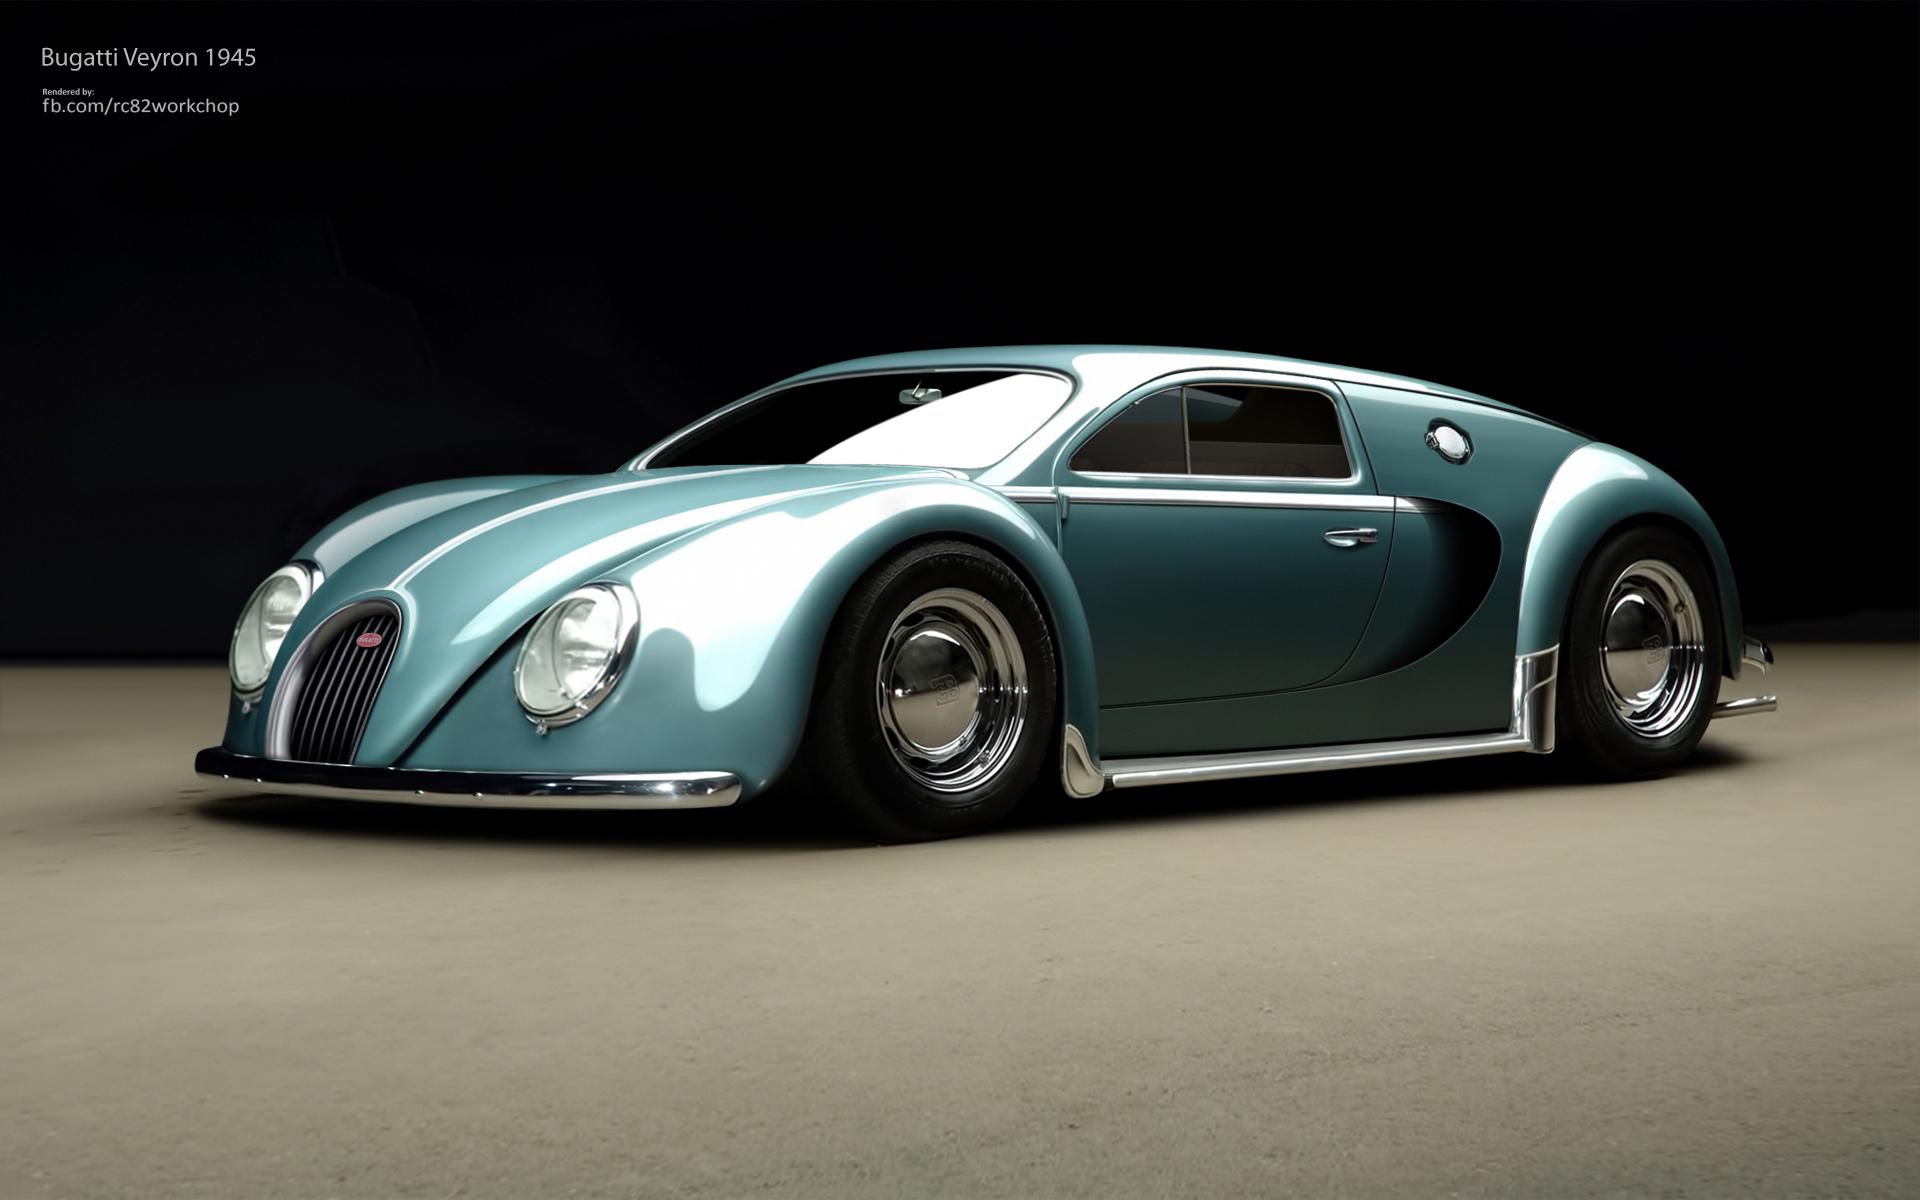 Bugatti Veyron 1945 1920 x 1200